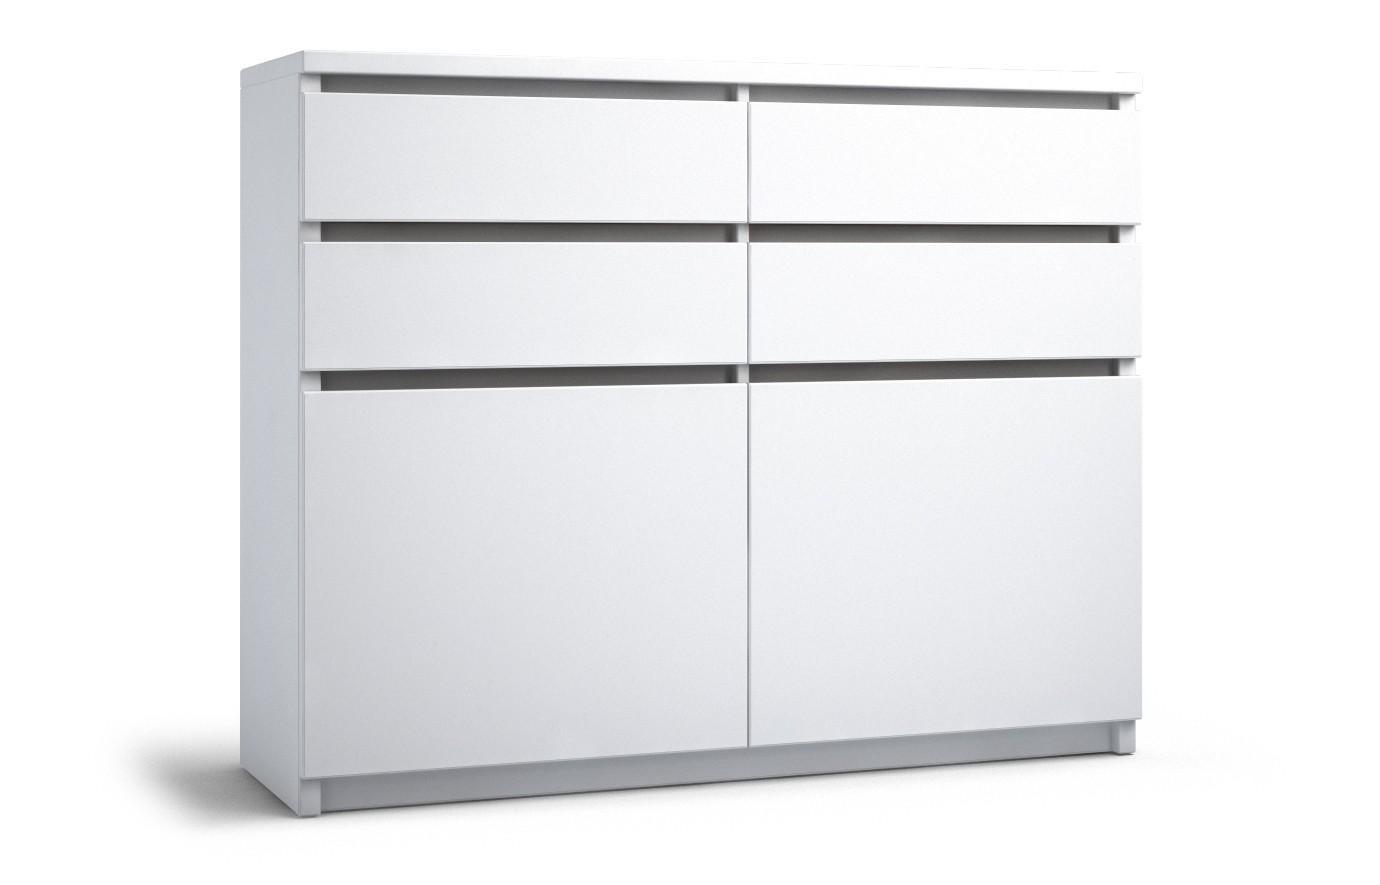 Sideboard Weiß Hochglanz 140 Cm Breit